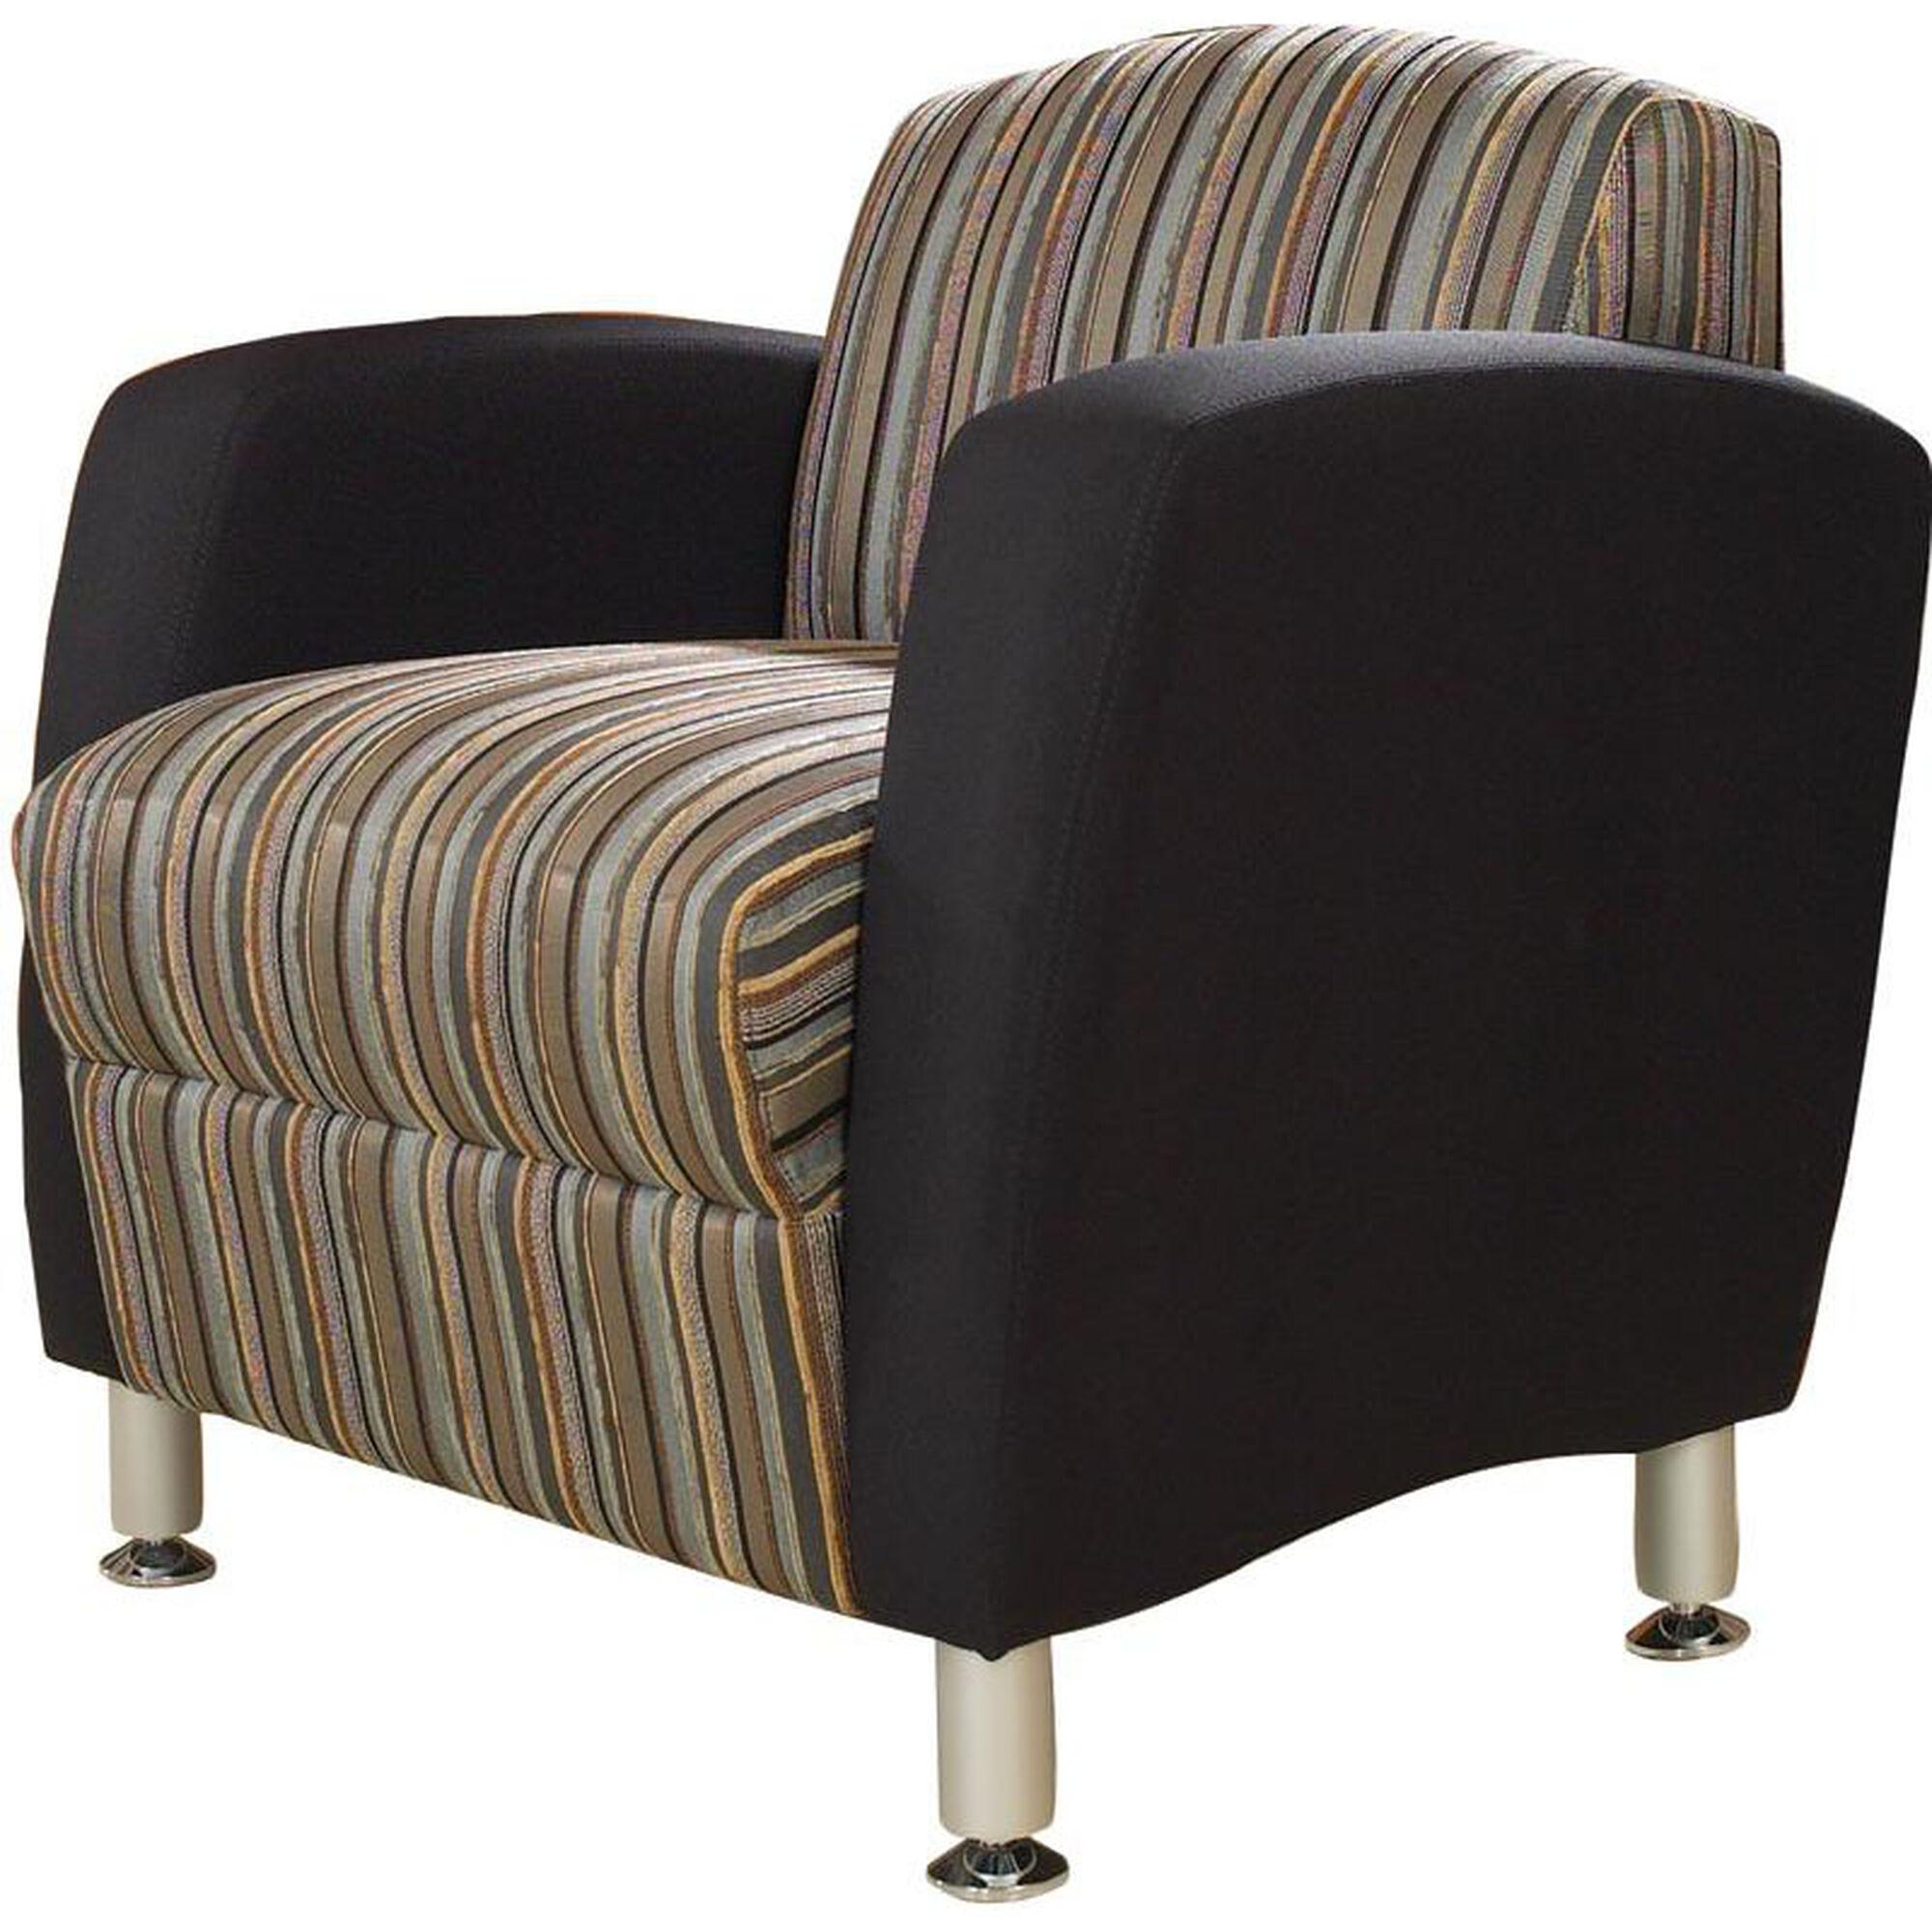 High Point Furniture Industries 5901met Hpf 5901met